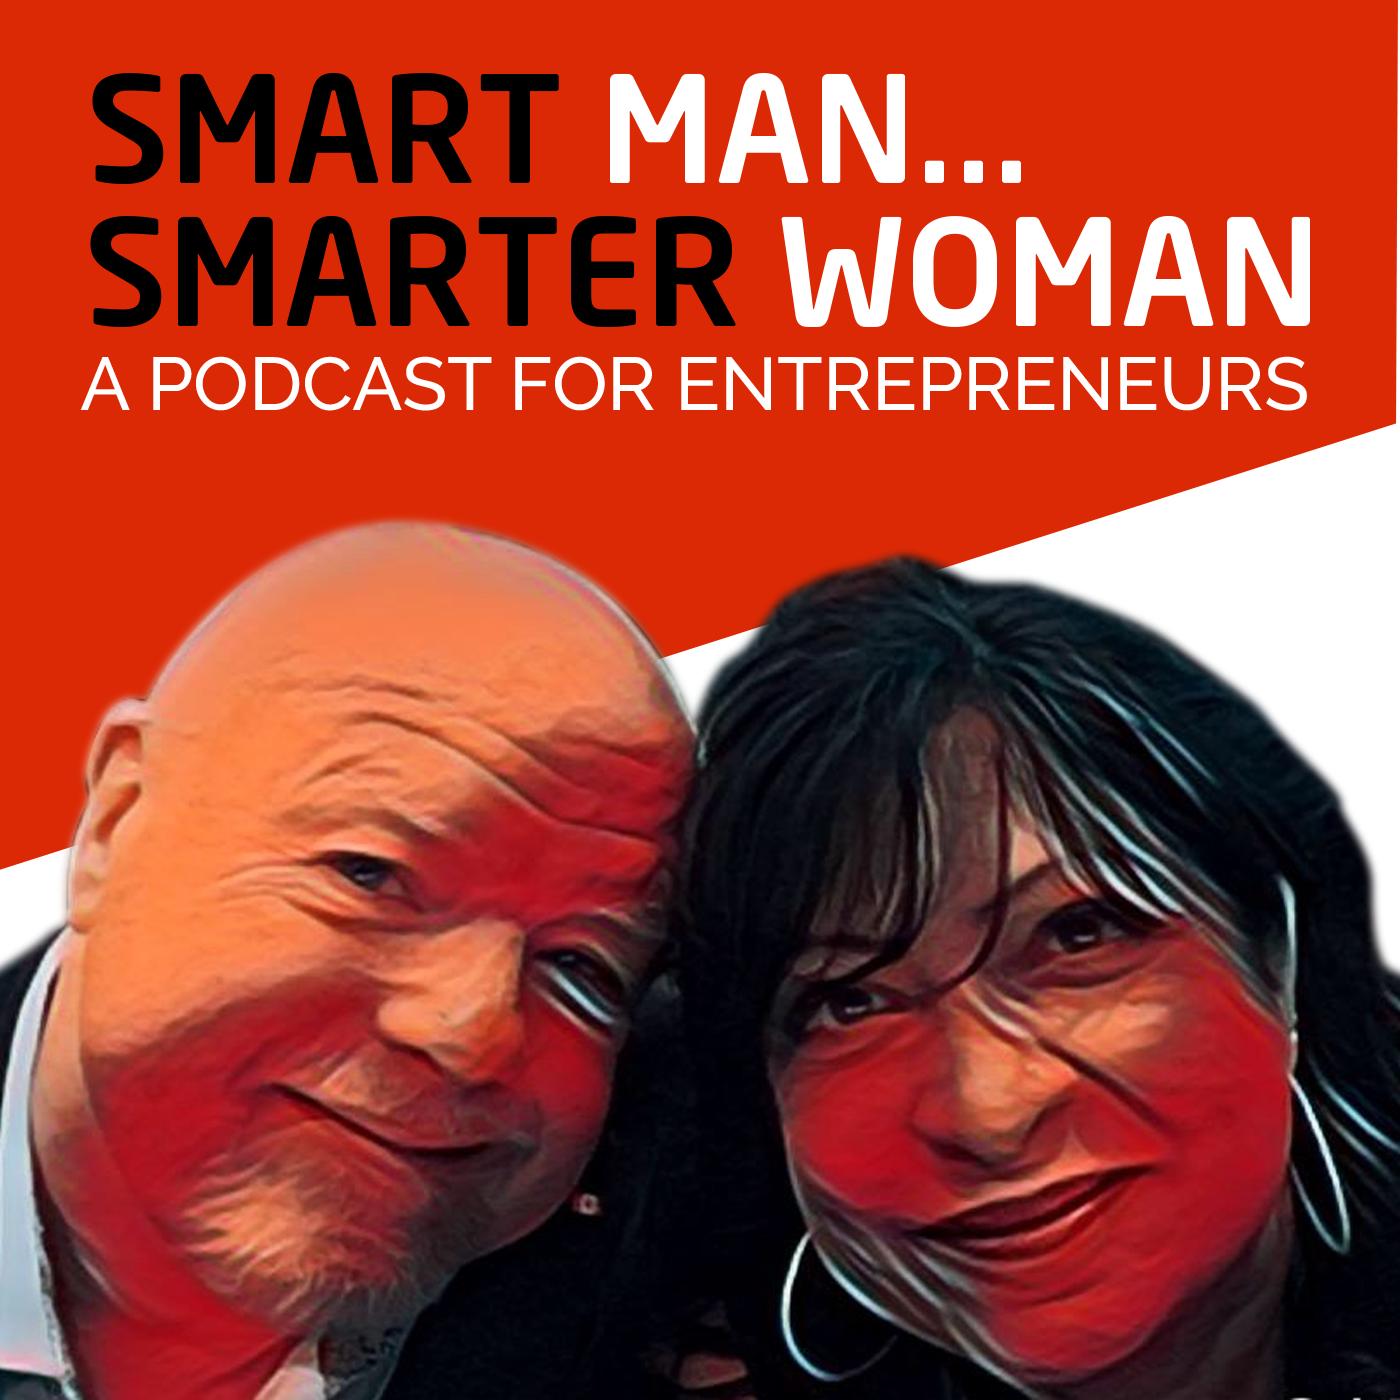 Smart Man, Smarter Woman Podcast show art